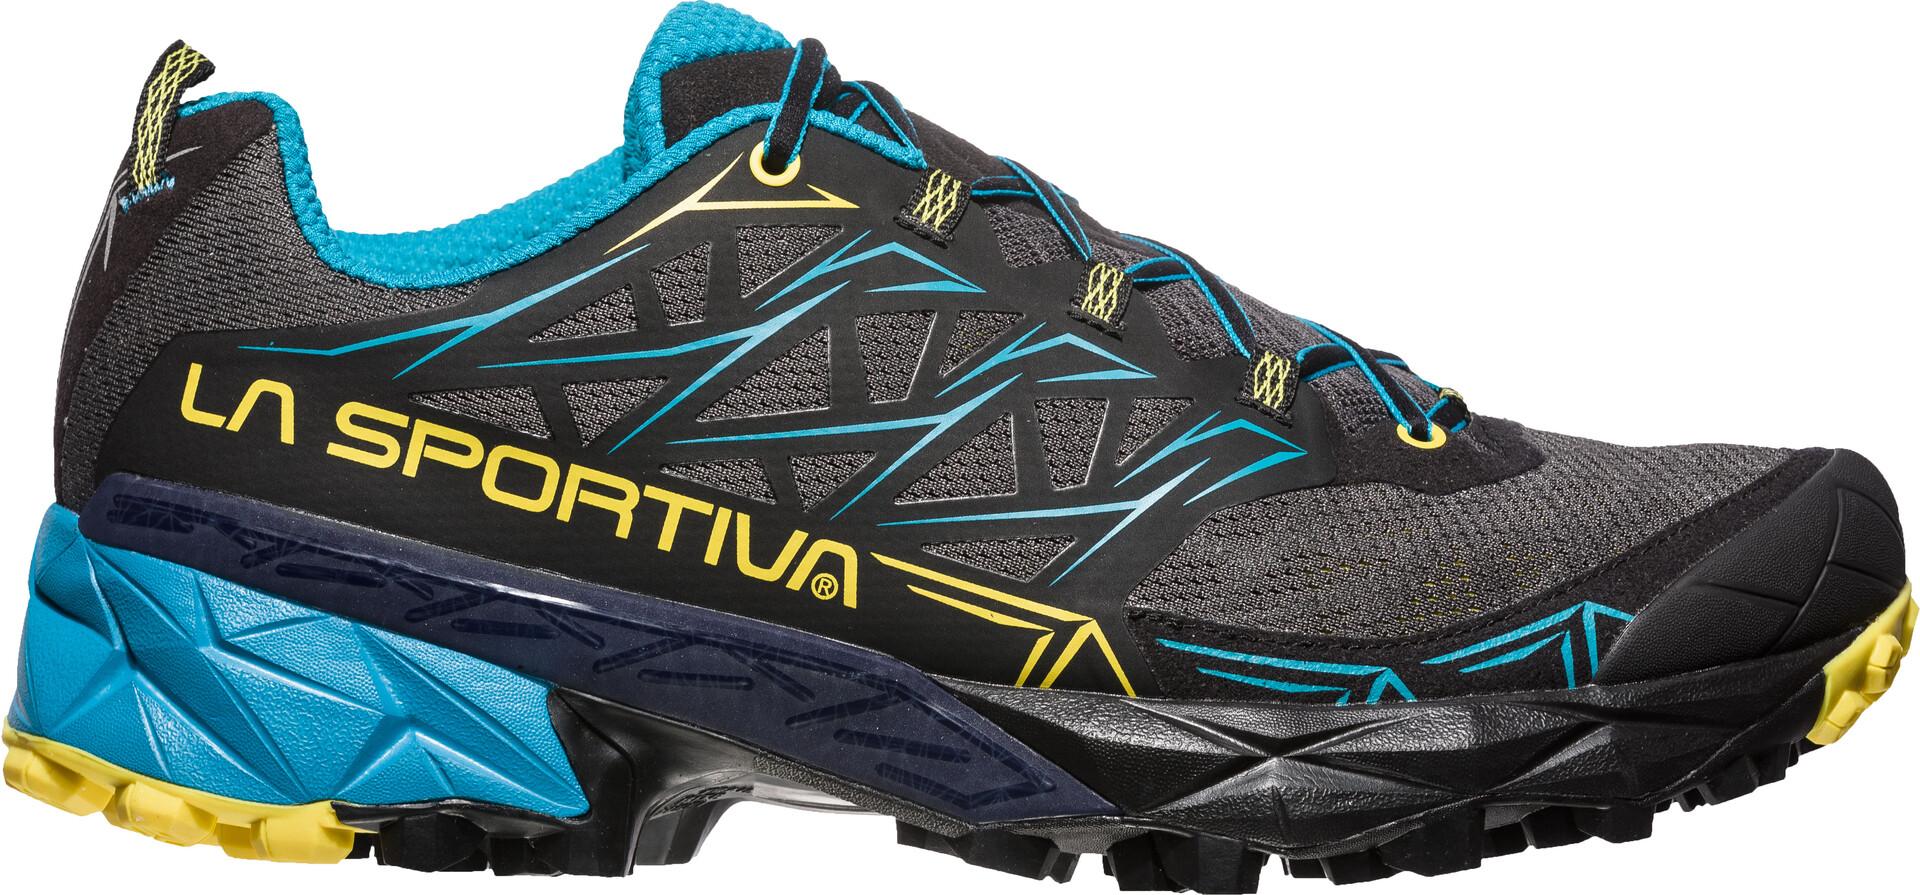 La Sportiva Akyra Scarpe da corsa Uomo, carbon/tropic blue su Addnature CIdbn